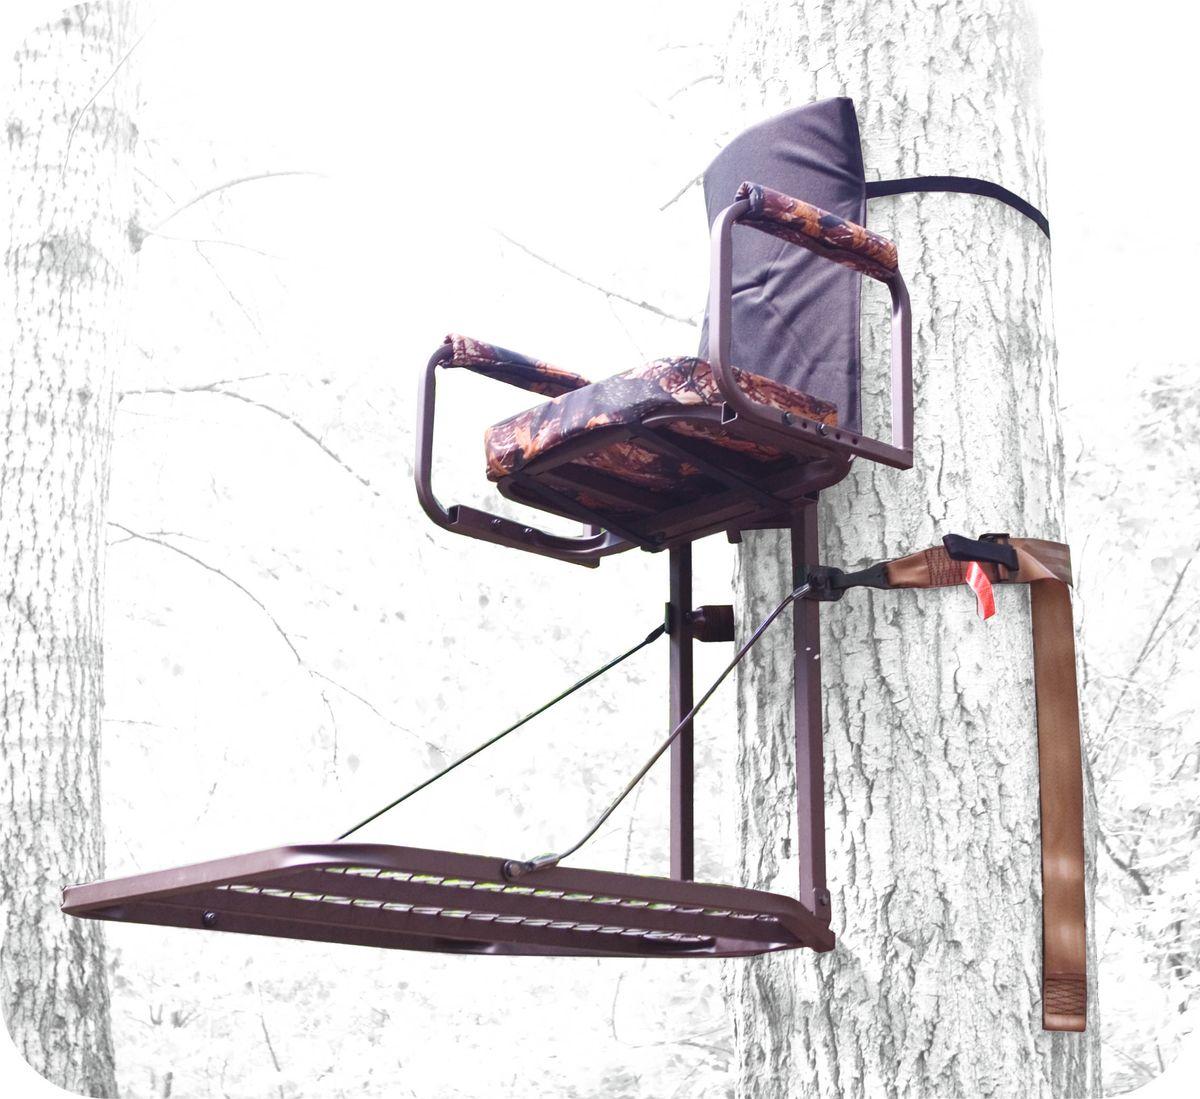 Засидка на дерево Canadian Camper CC-TS501, складная30220101Засидка Canadian Camper CC-TS501 - быстрое и надежное крепление к стволу дерева. Для переноски за спиной складывается в виде рюкзака (необходимые лямки в комплекте). Имеет удобное съемное сиденье и большую решетчатую платформу для ног. Страховочная обвязка в комплекте.Размер платформы: 76,2 х 61 см.Высота сиденья: 56 см.Размер сиденья: 20,3 х 40,6 х 5 см.Нагрузка: 136 кг.